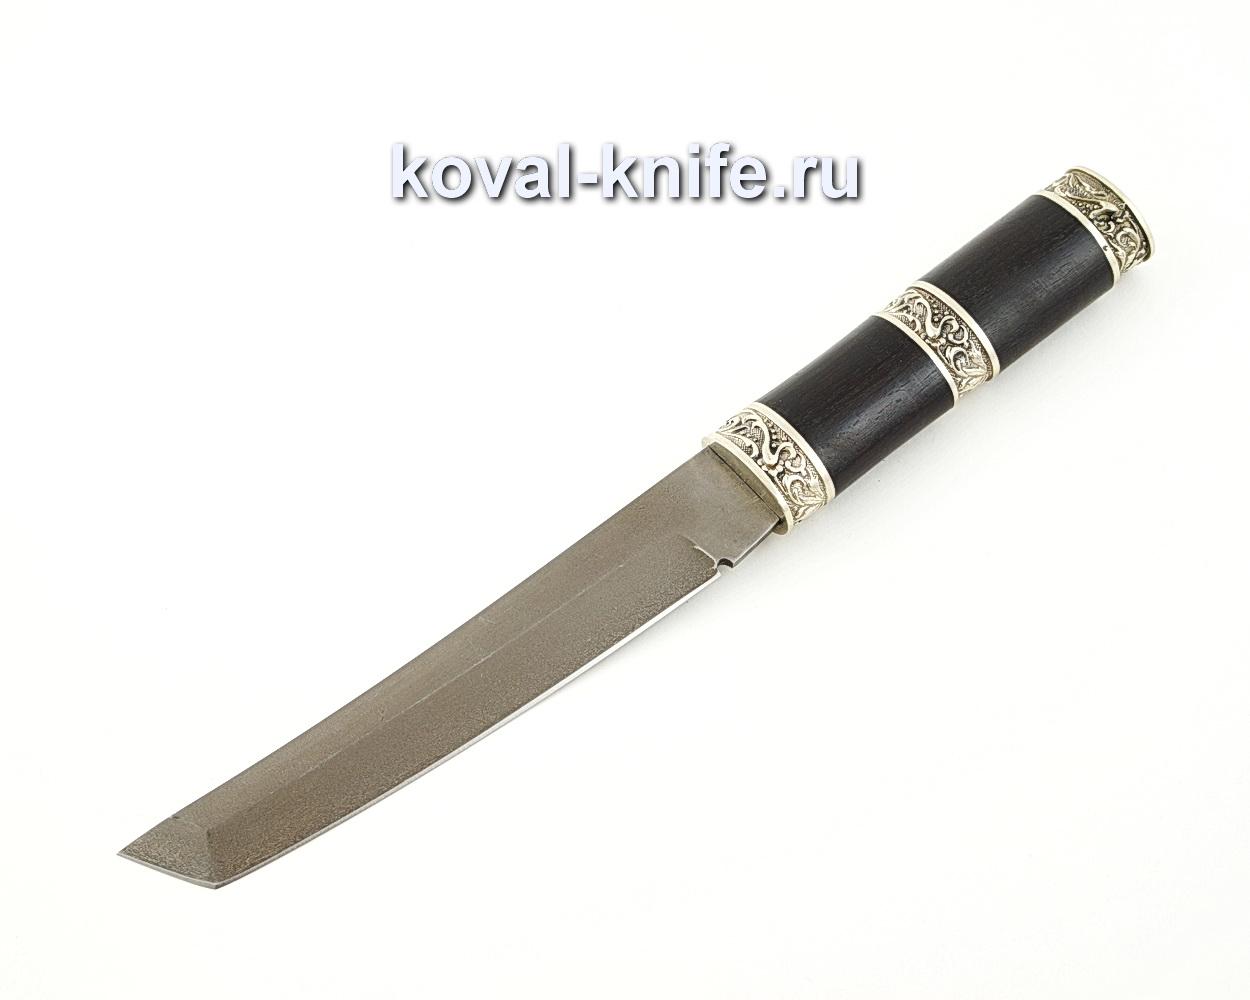 Нож Танто из кованой стали Х12МФ с рукоятью из черного граба, литье мельхиор A572